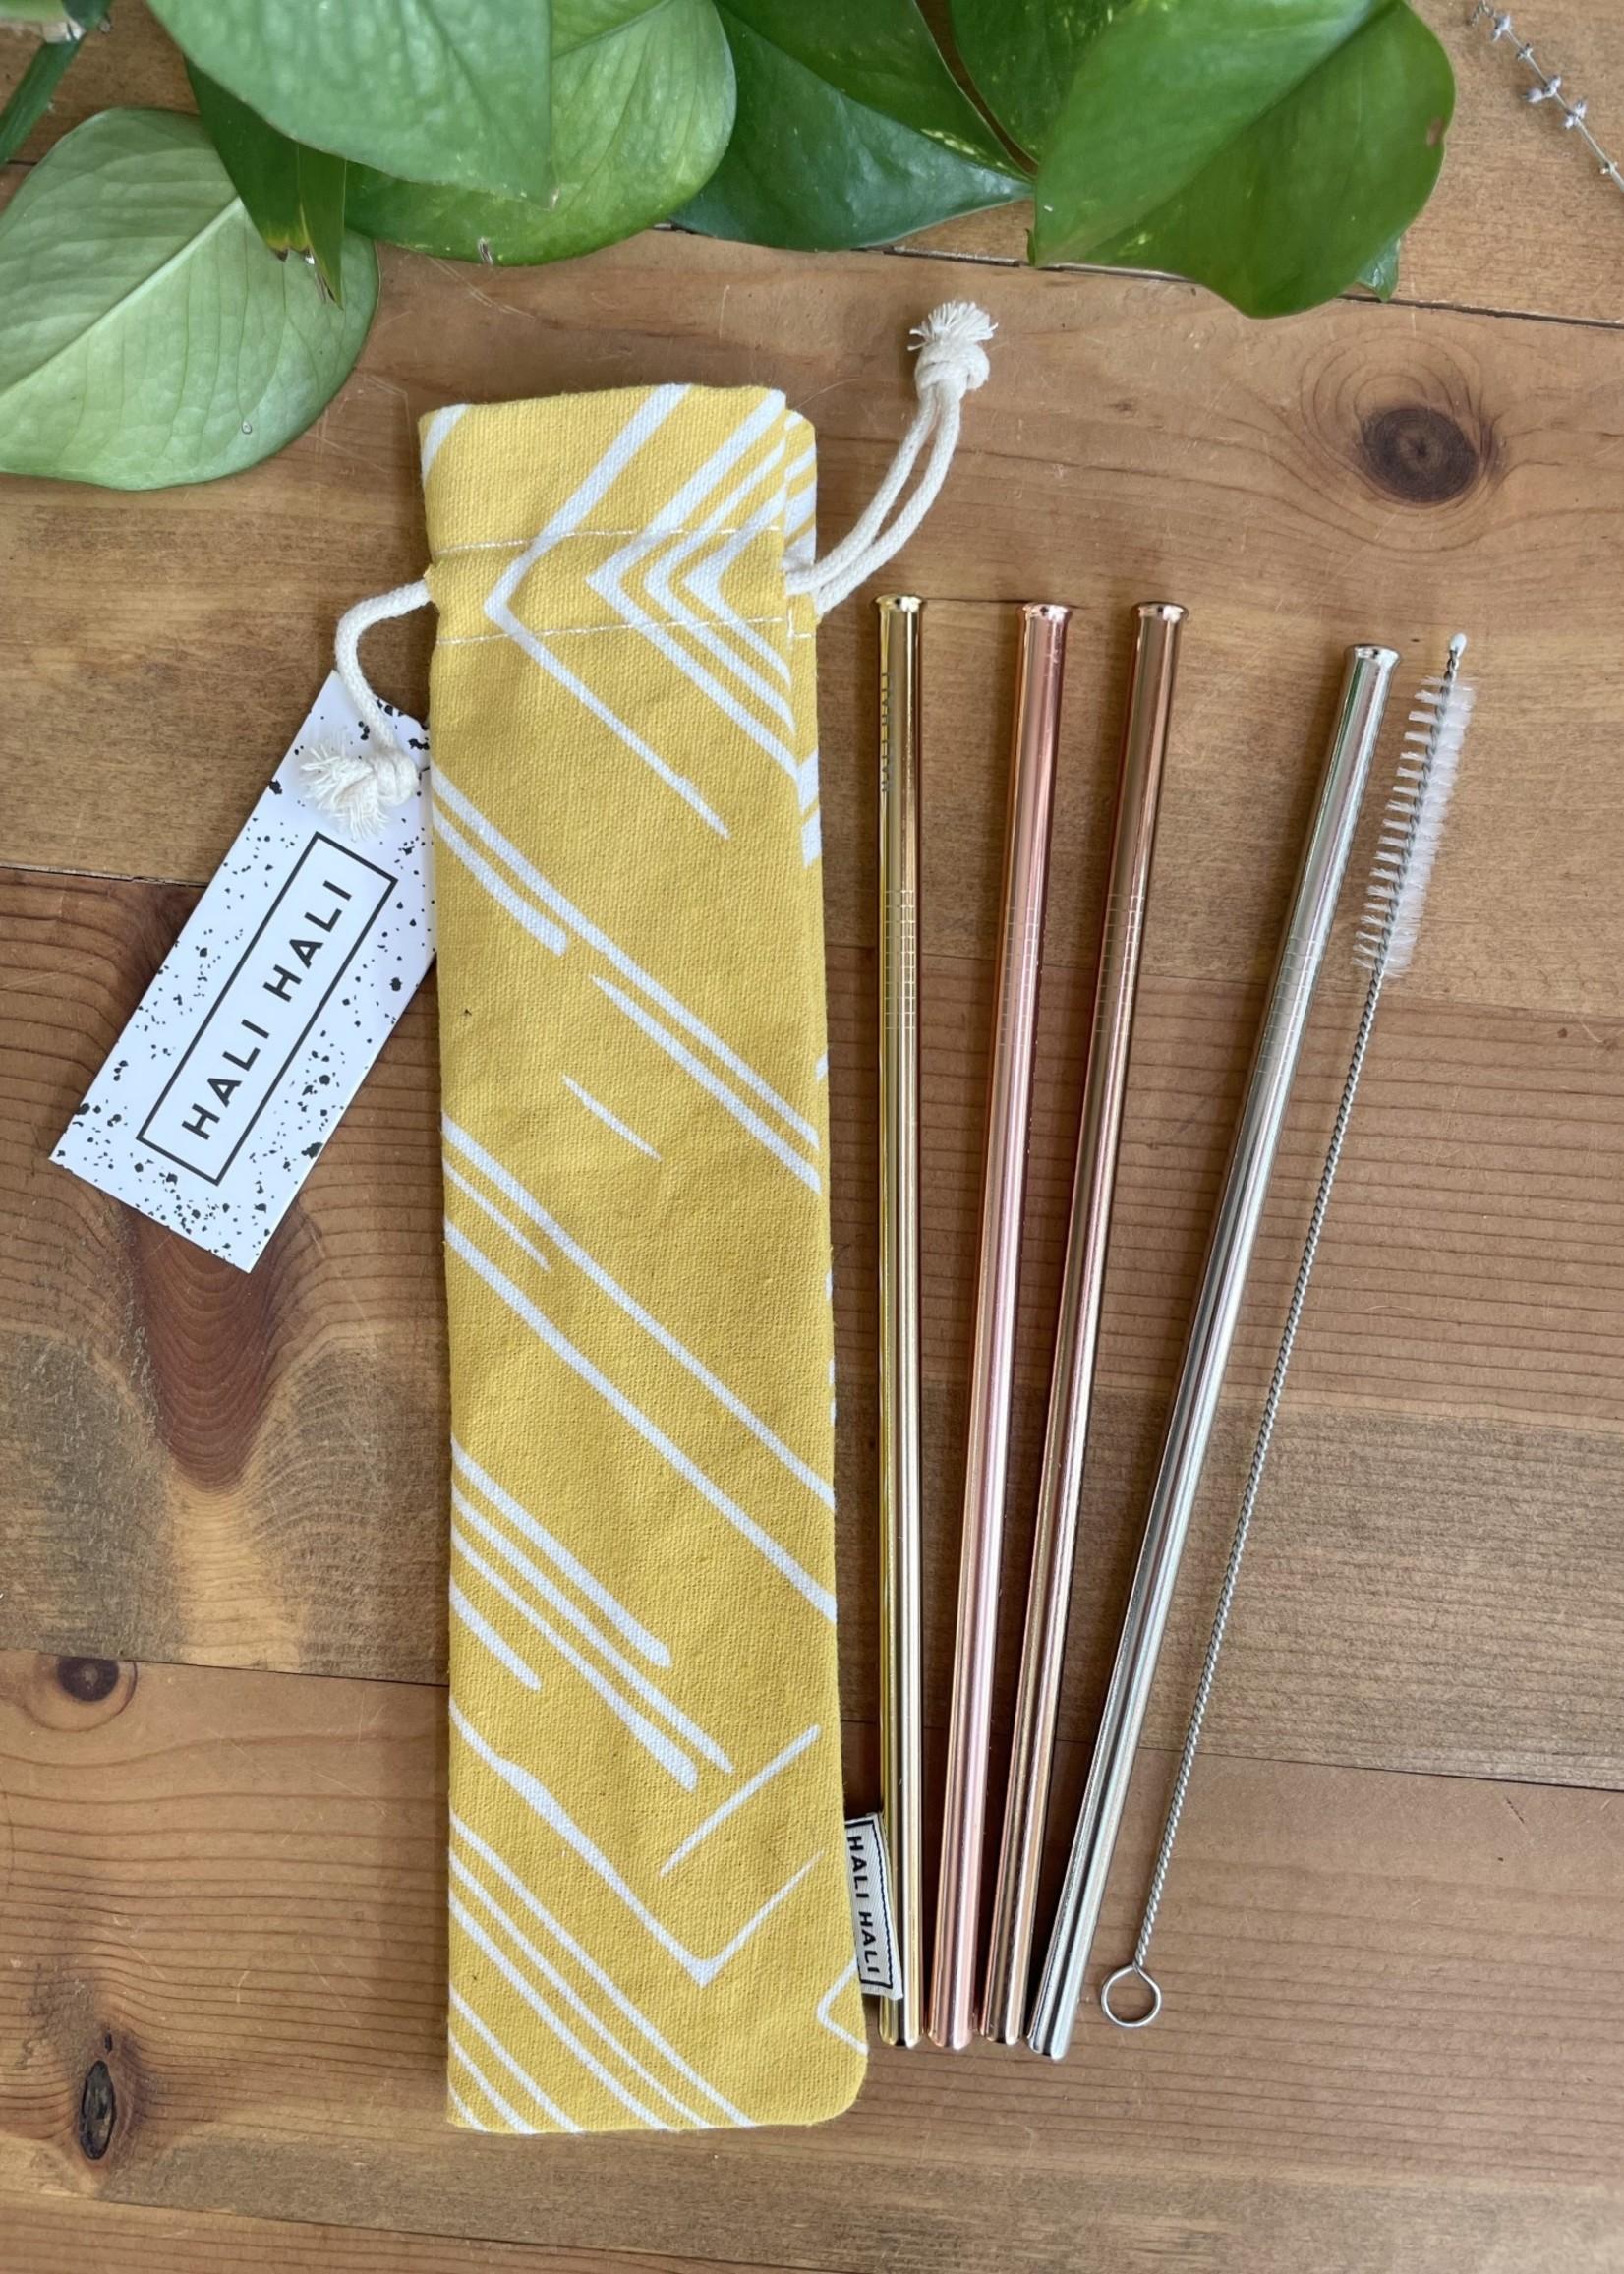 Hali Hali Eco-Friendly Straw Set